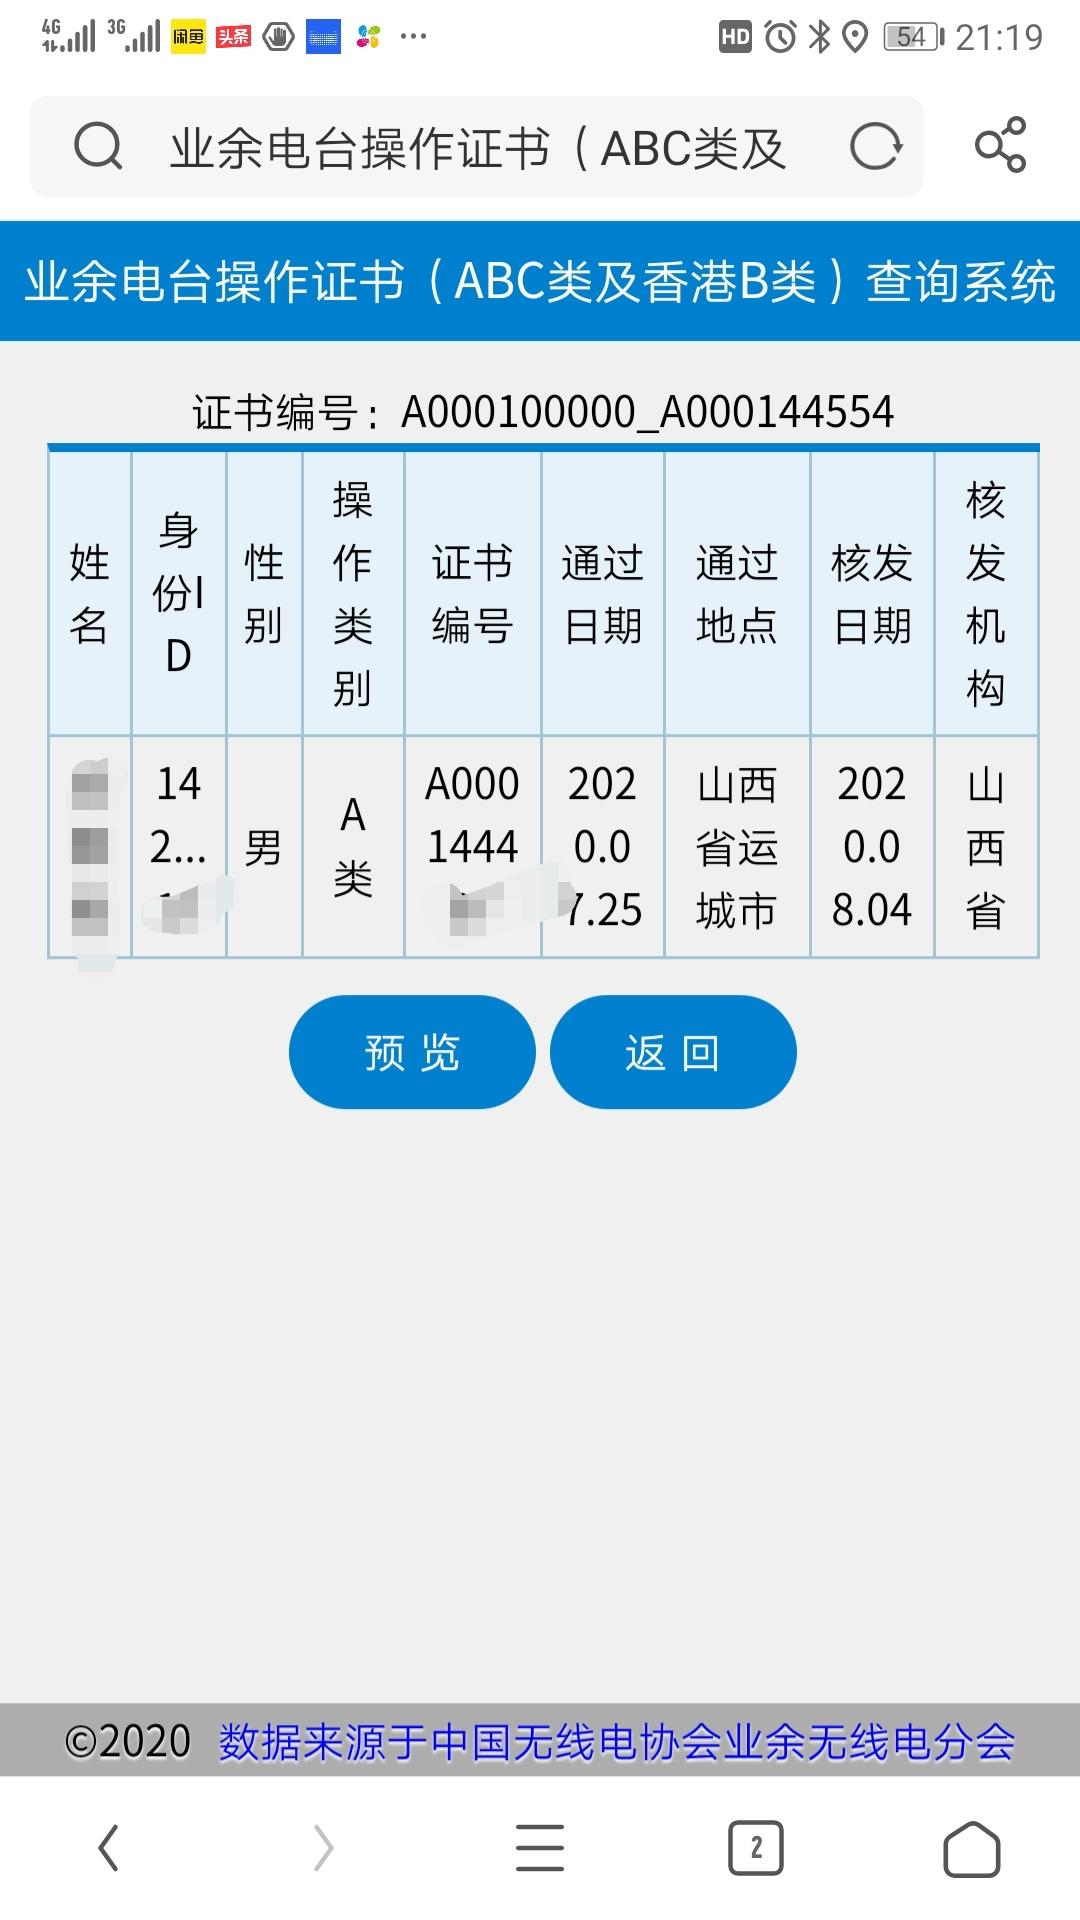 Screenshot_20200809_212033.jpg